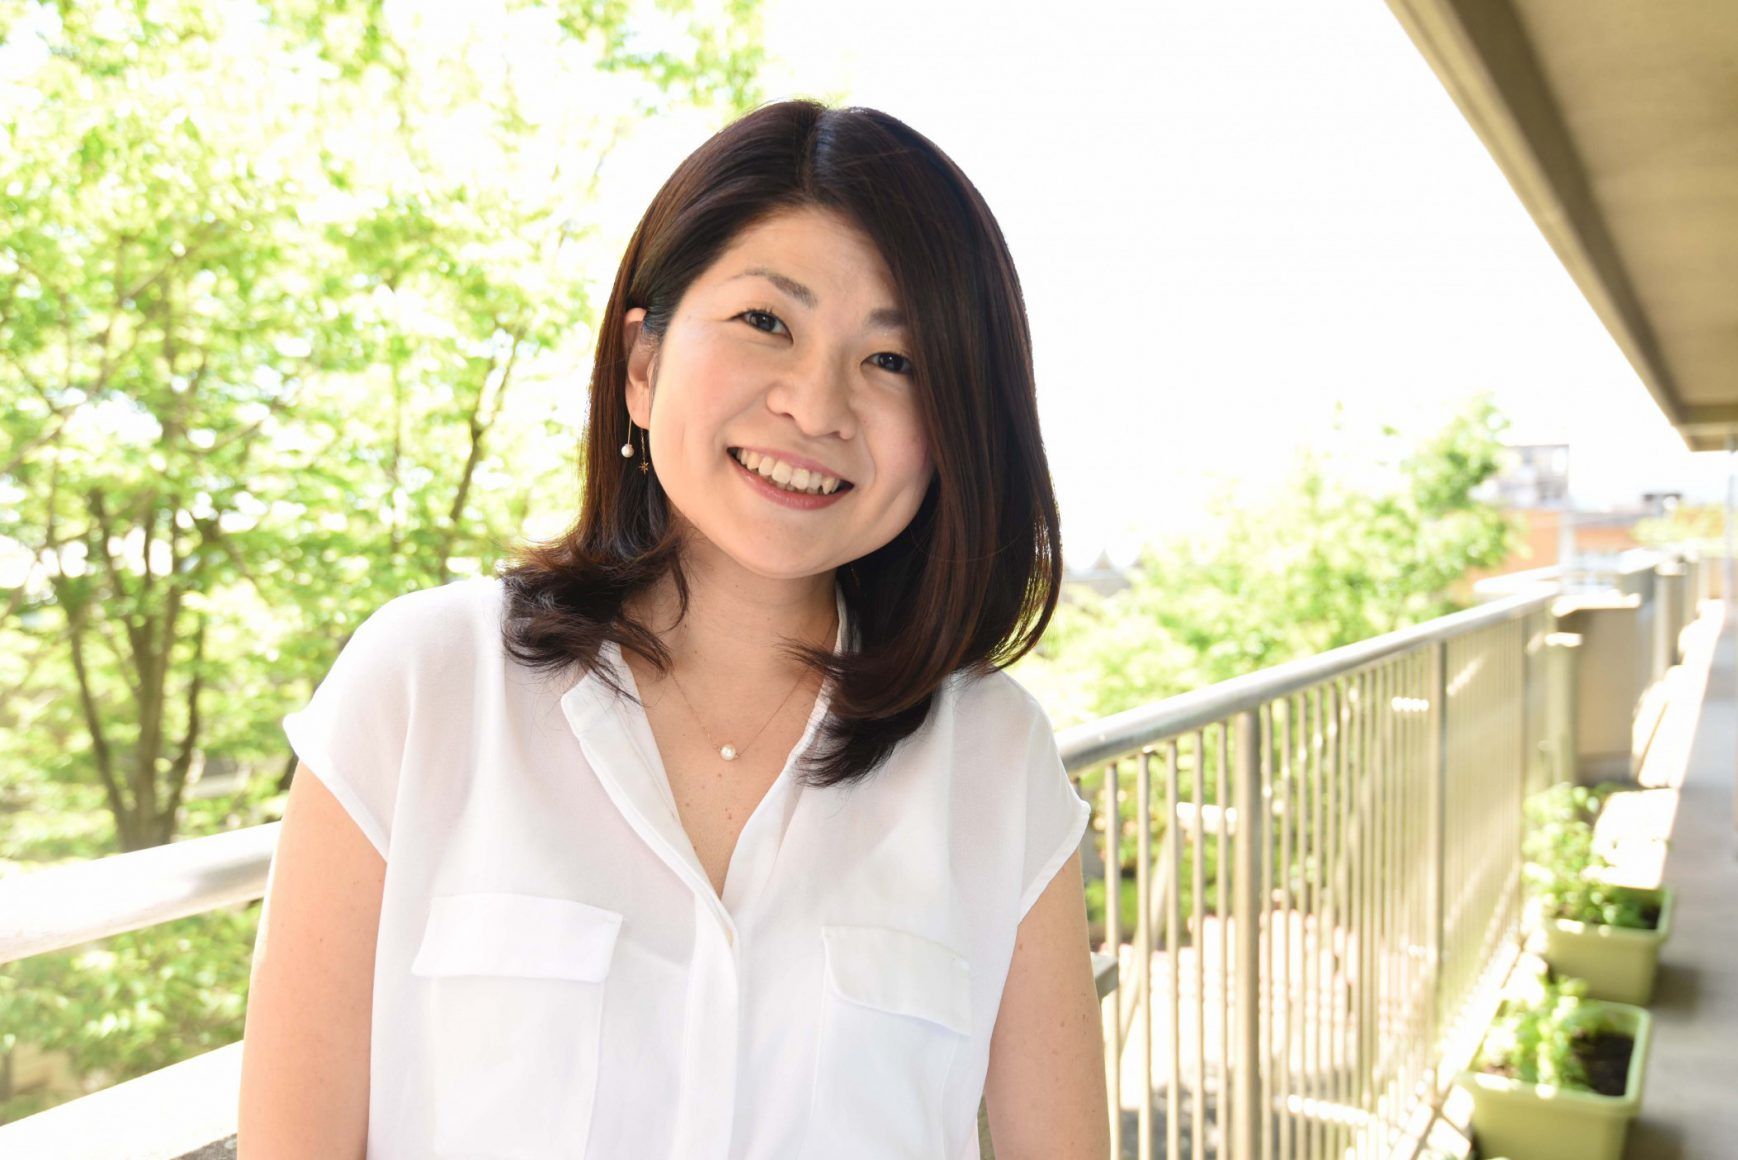 ウェブマガジン ママプレナーズ®「ワーク&ライフスタイルを知りたい」にトイボックス代表理事 白井 智子の記事が掲載されました